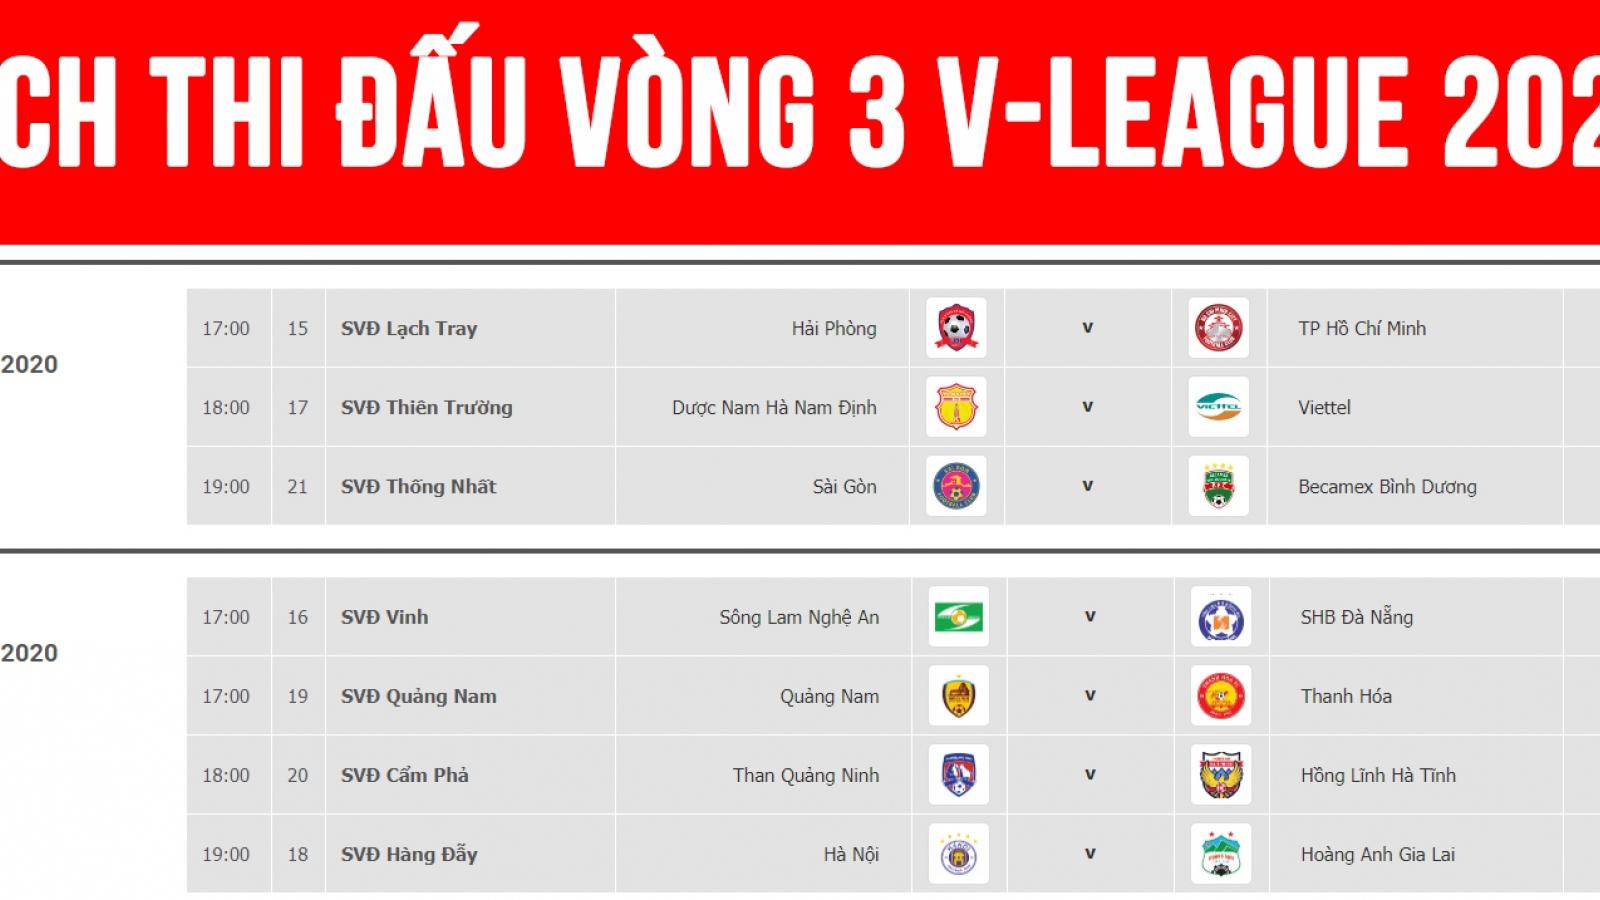 Lịch thi đấu vòng 3 V-League 2020: Hà Nội FC đại chiến HAGL